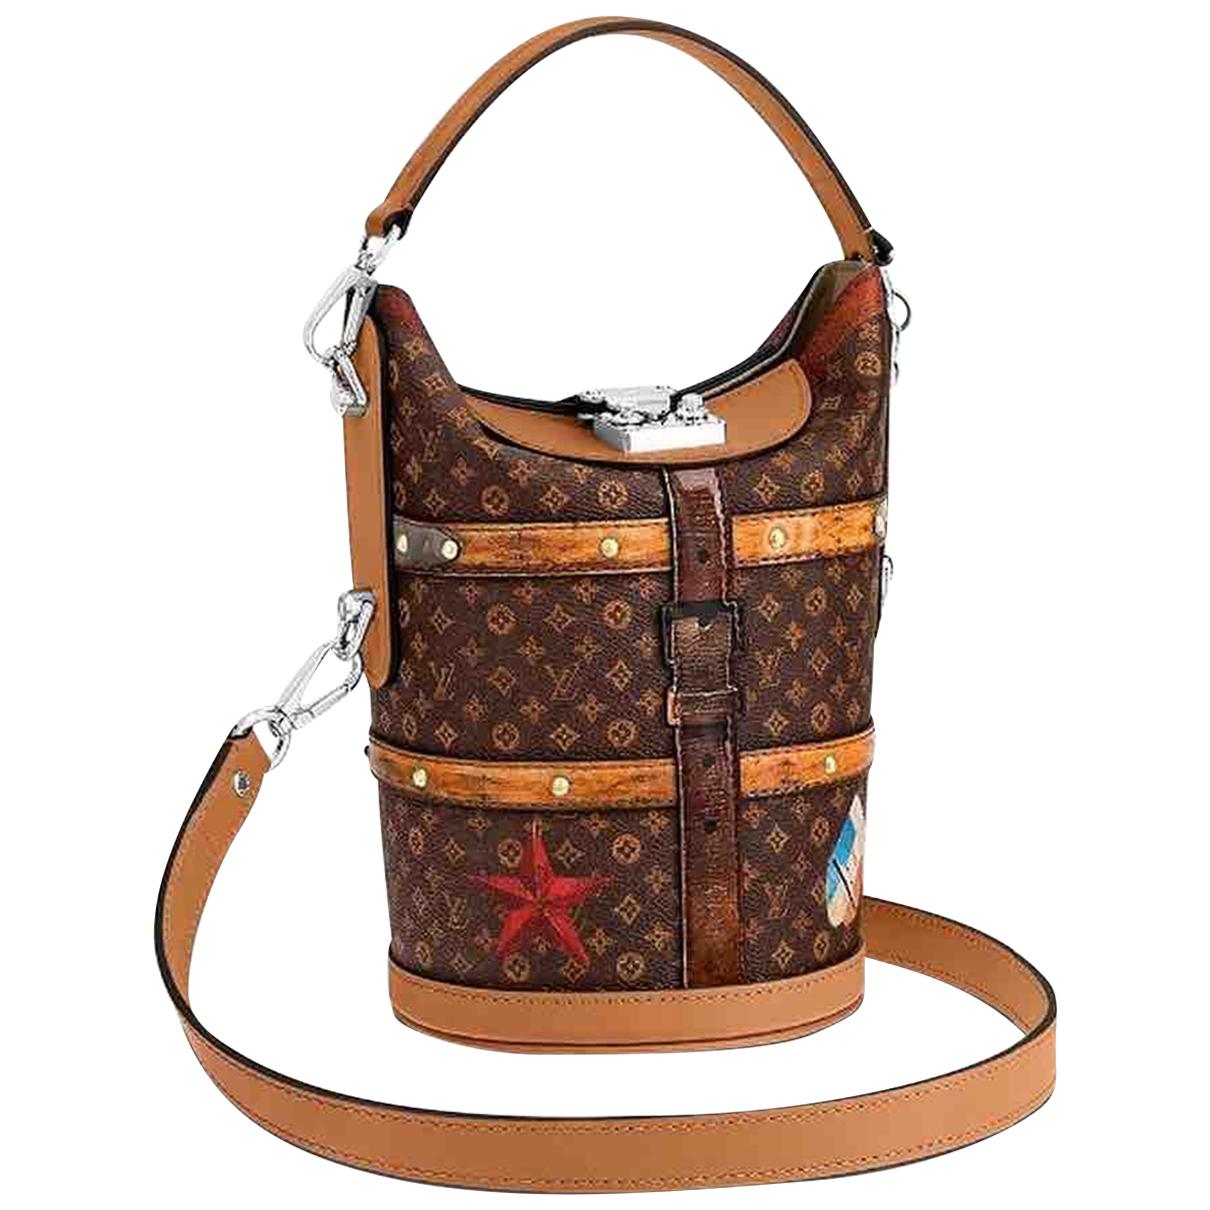 Louis Vuitton Duffle Handtasche in  Bunt Leder